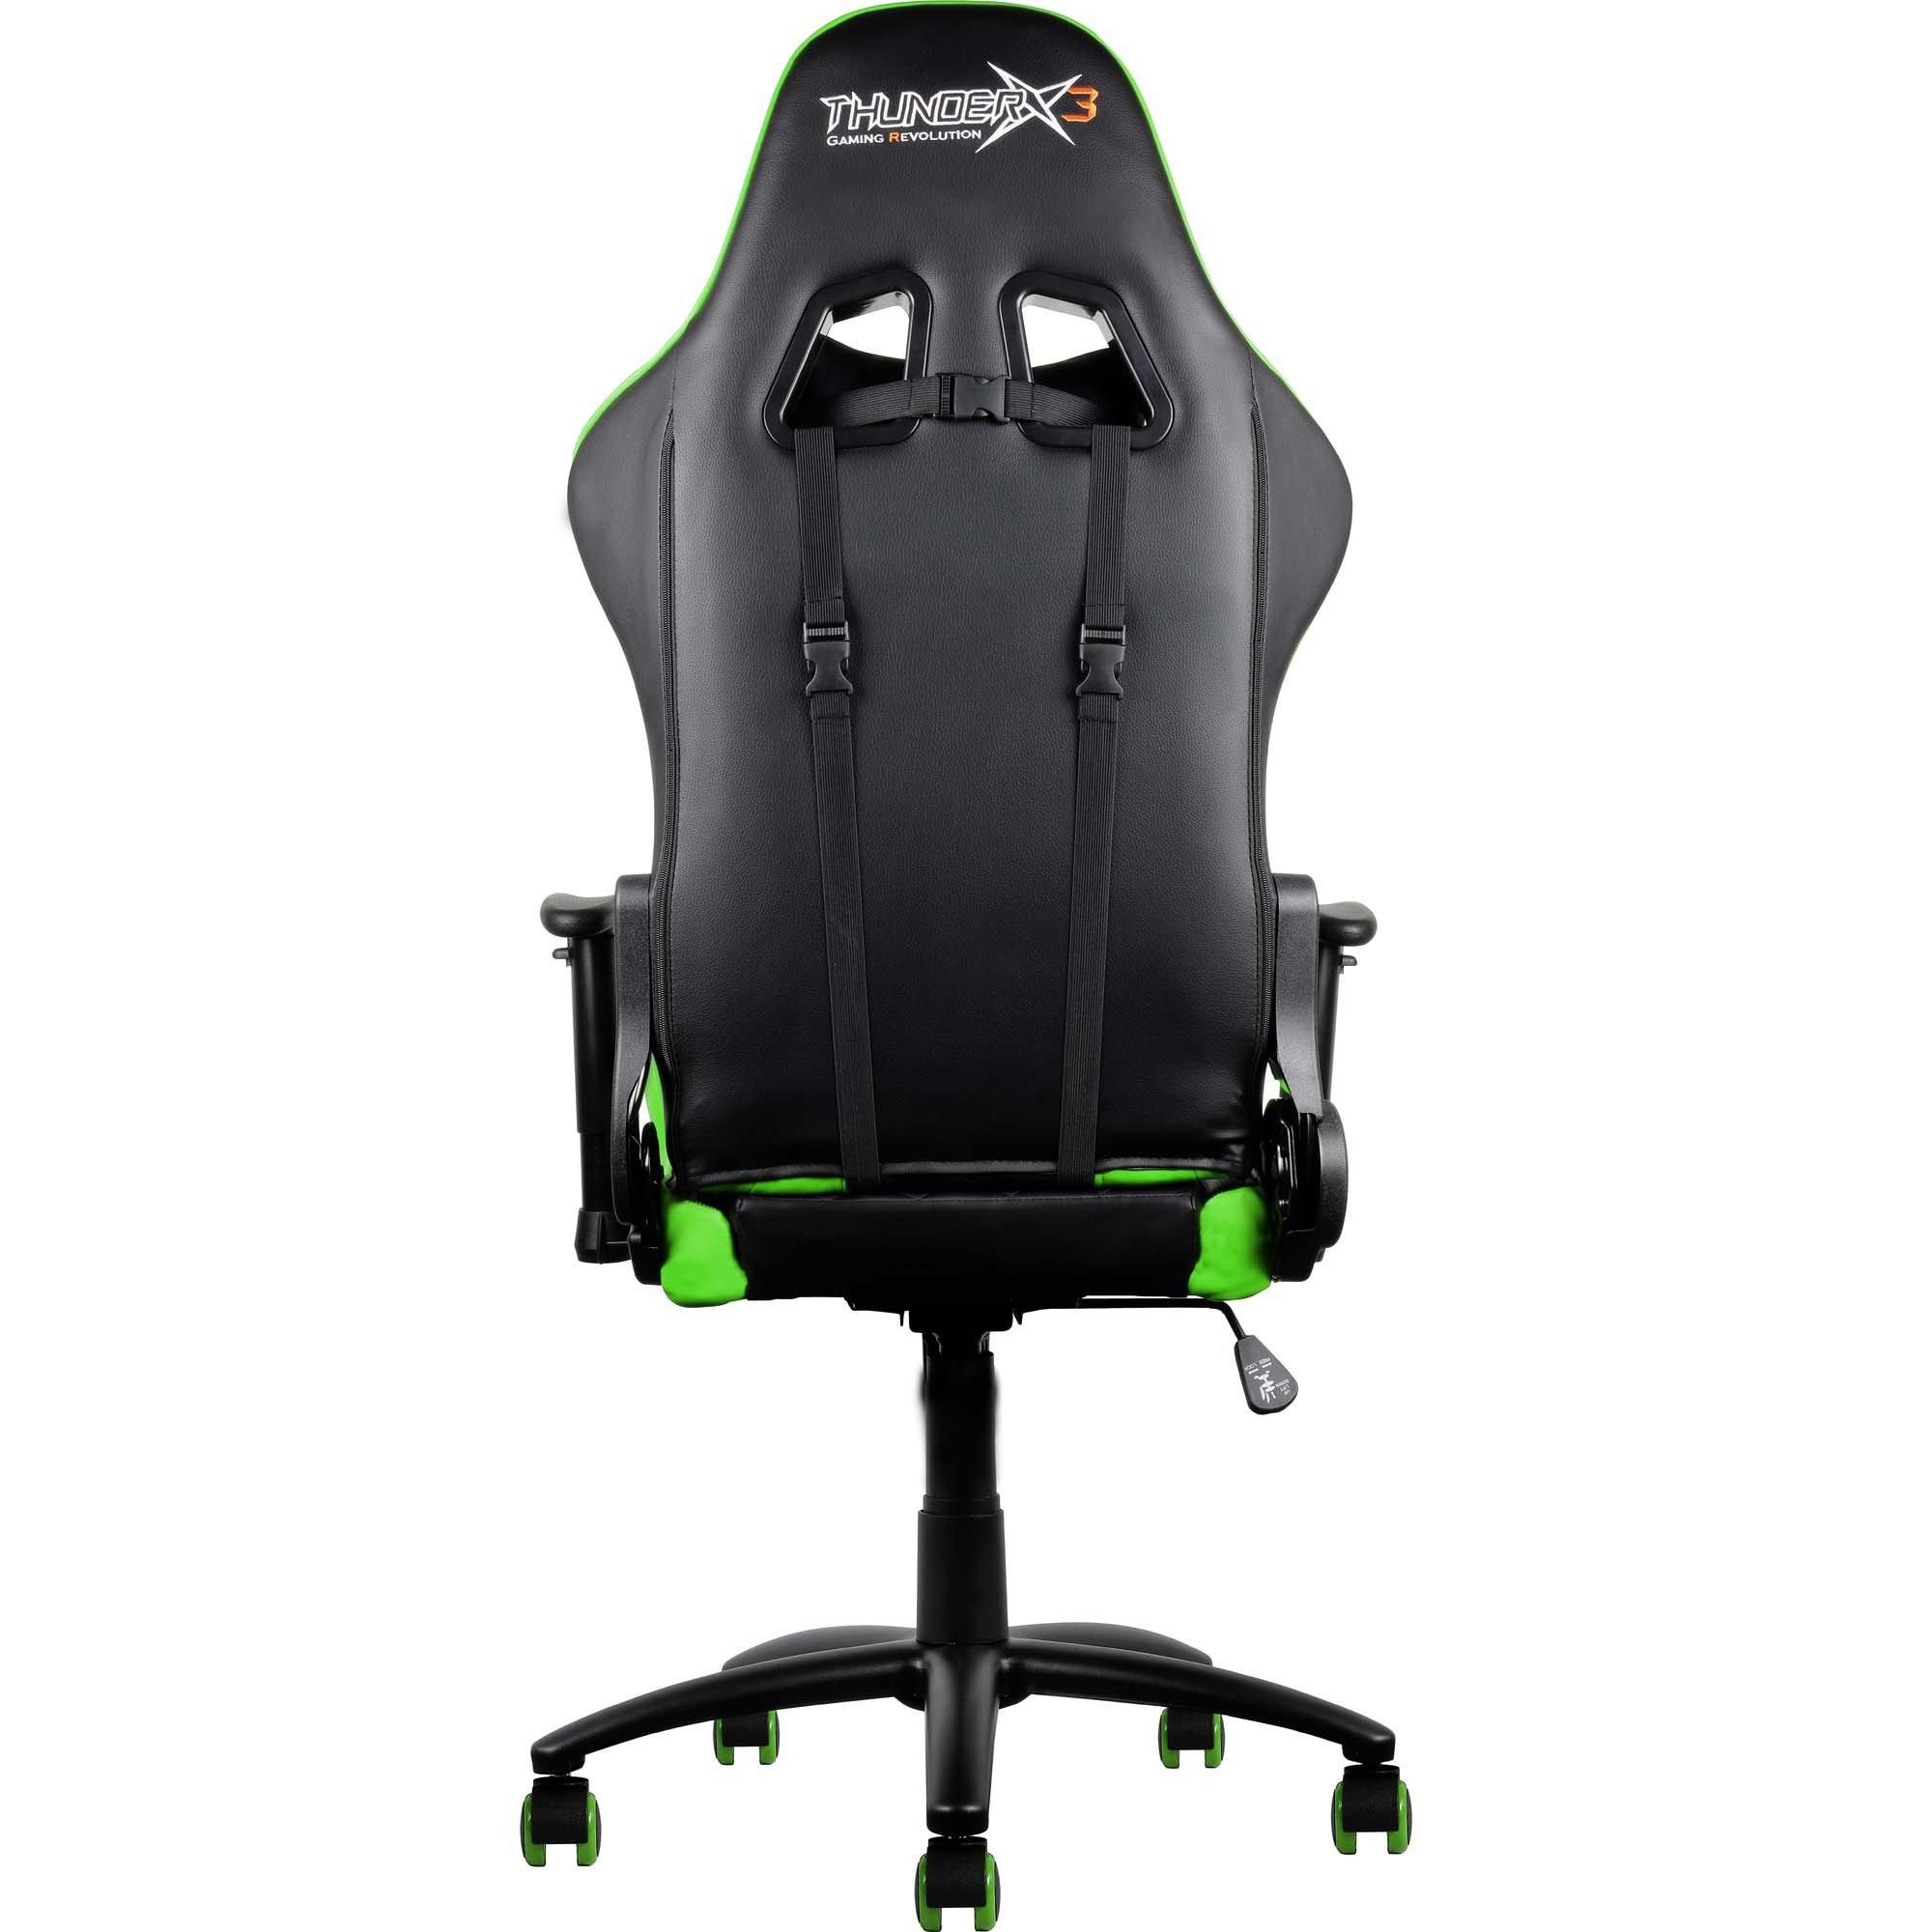 cadeira gamer rapido preta verde thunderx3 profissional tgc12 43832 2000 191589 1